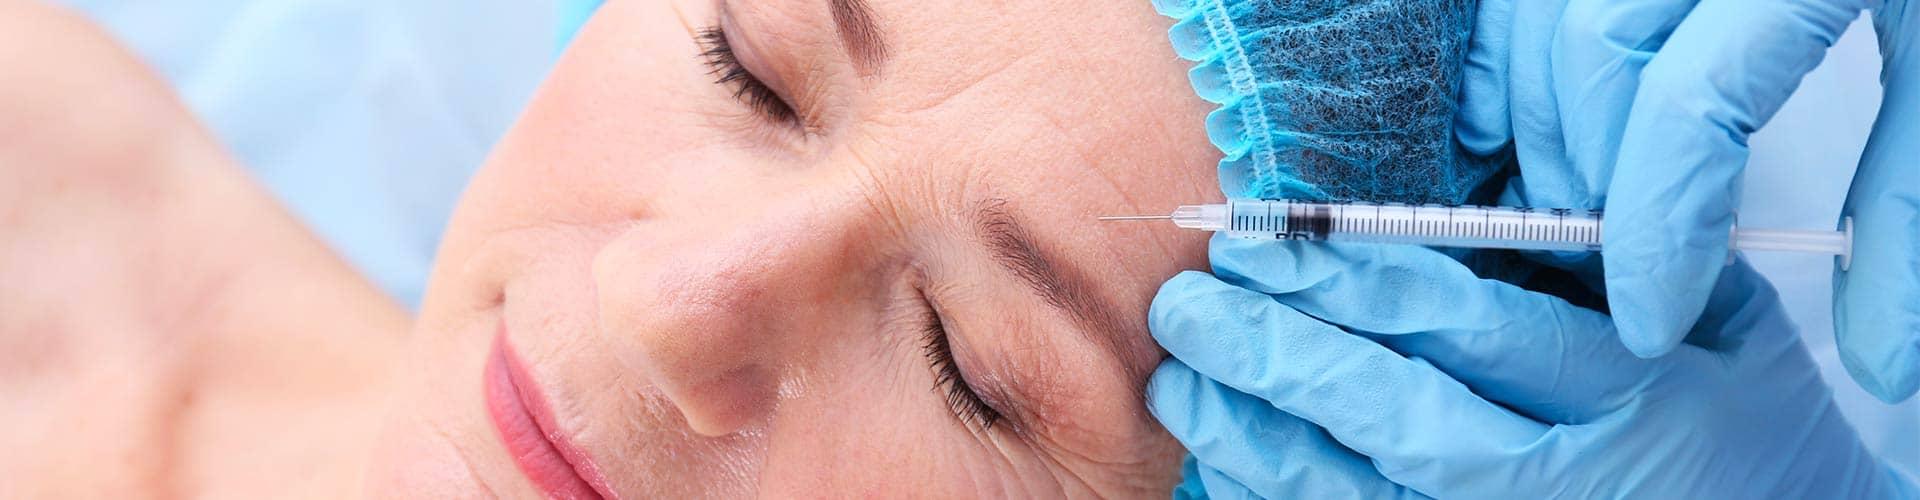 Supprimer les rides : Botox ou acide hyaluronique ?